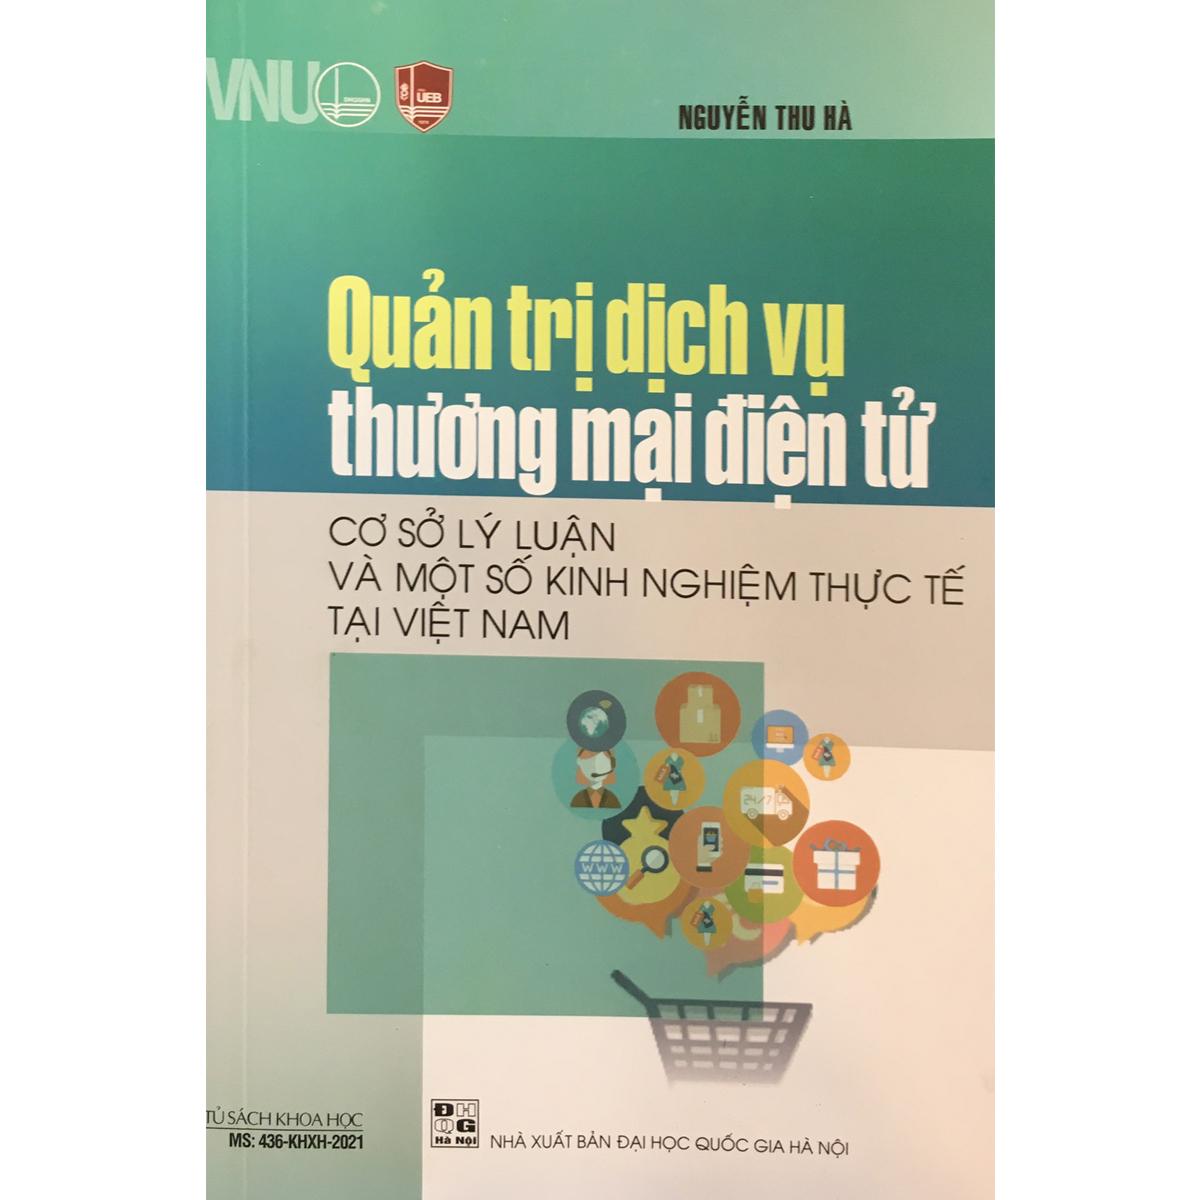 Quản trị dịch vụ thương mại điện tử - Cơ sở lý luận và một số kinh nghiệm thực tế tại Việt Nam